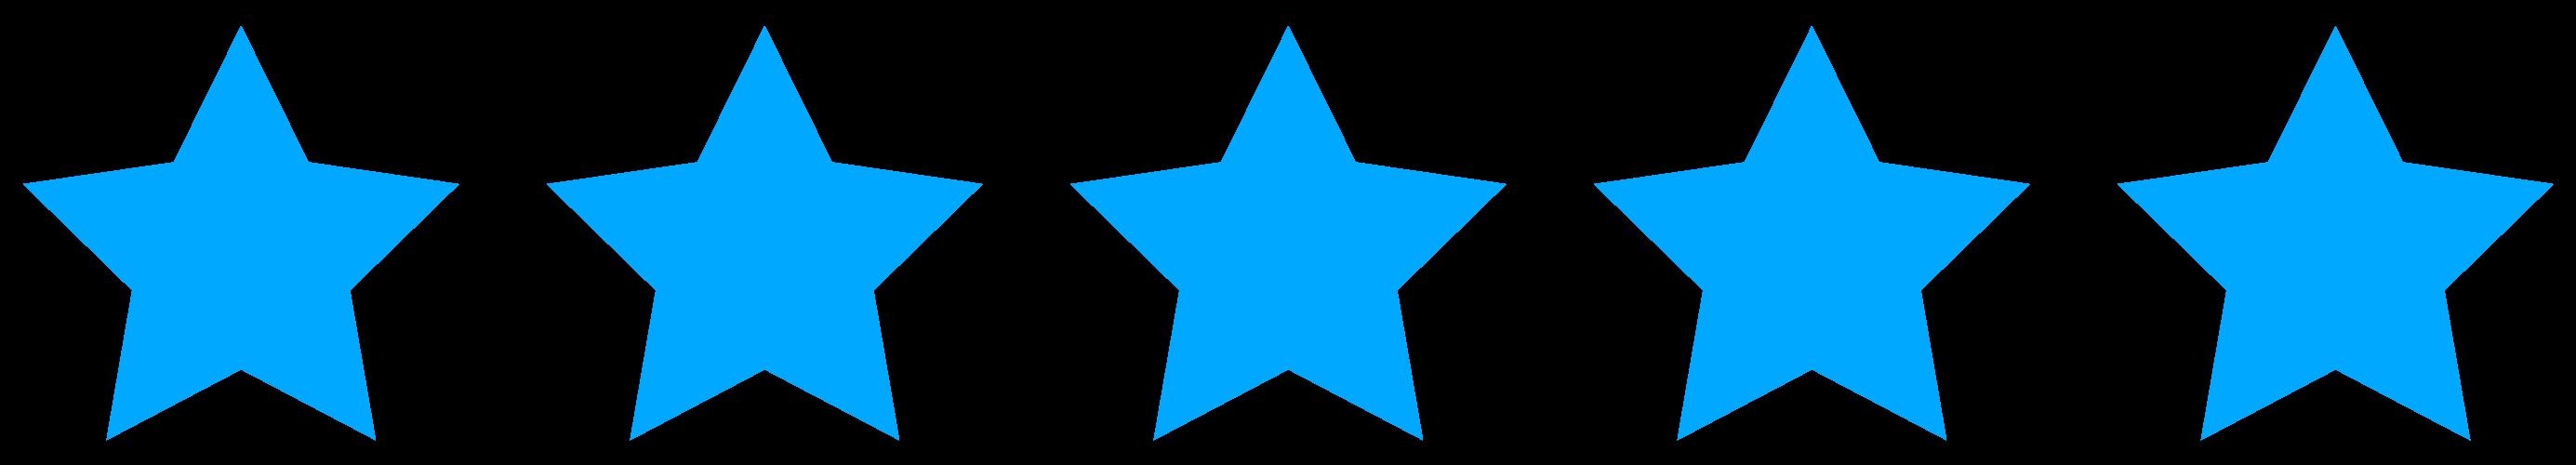 Sterne Bewertung